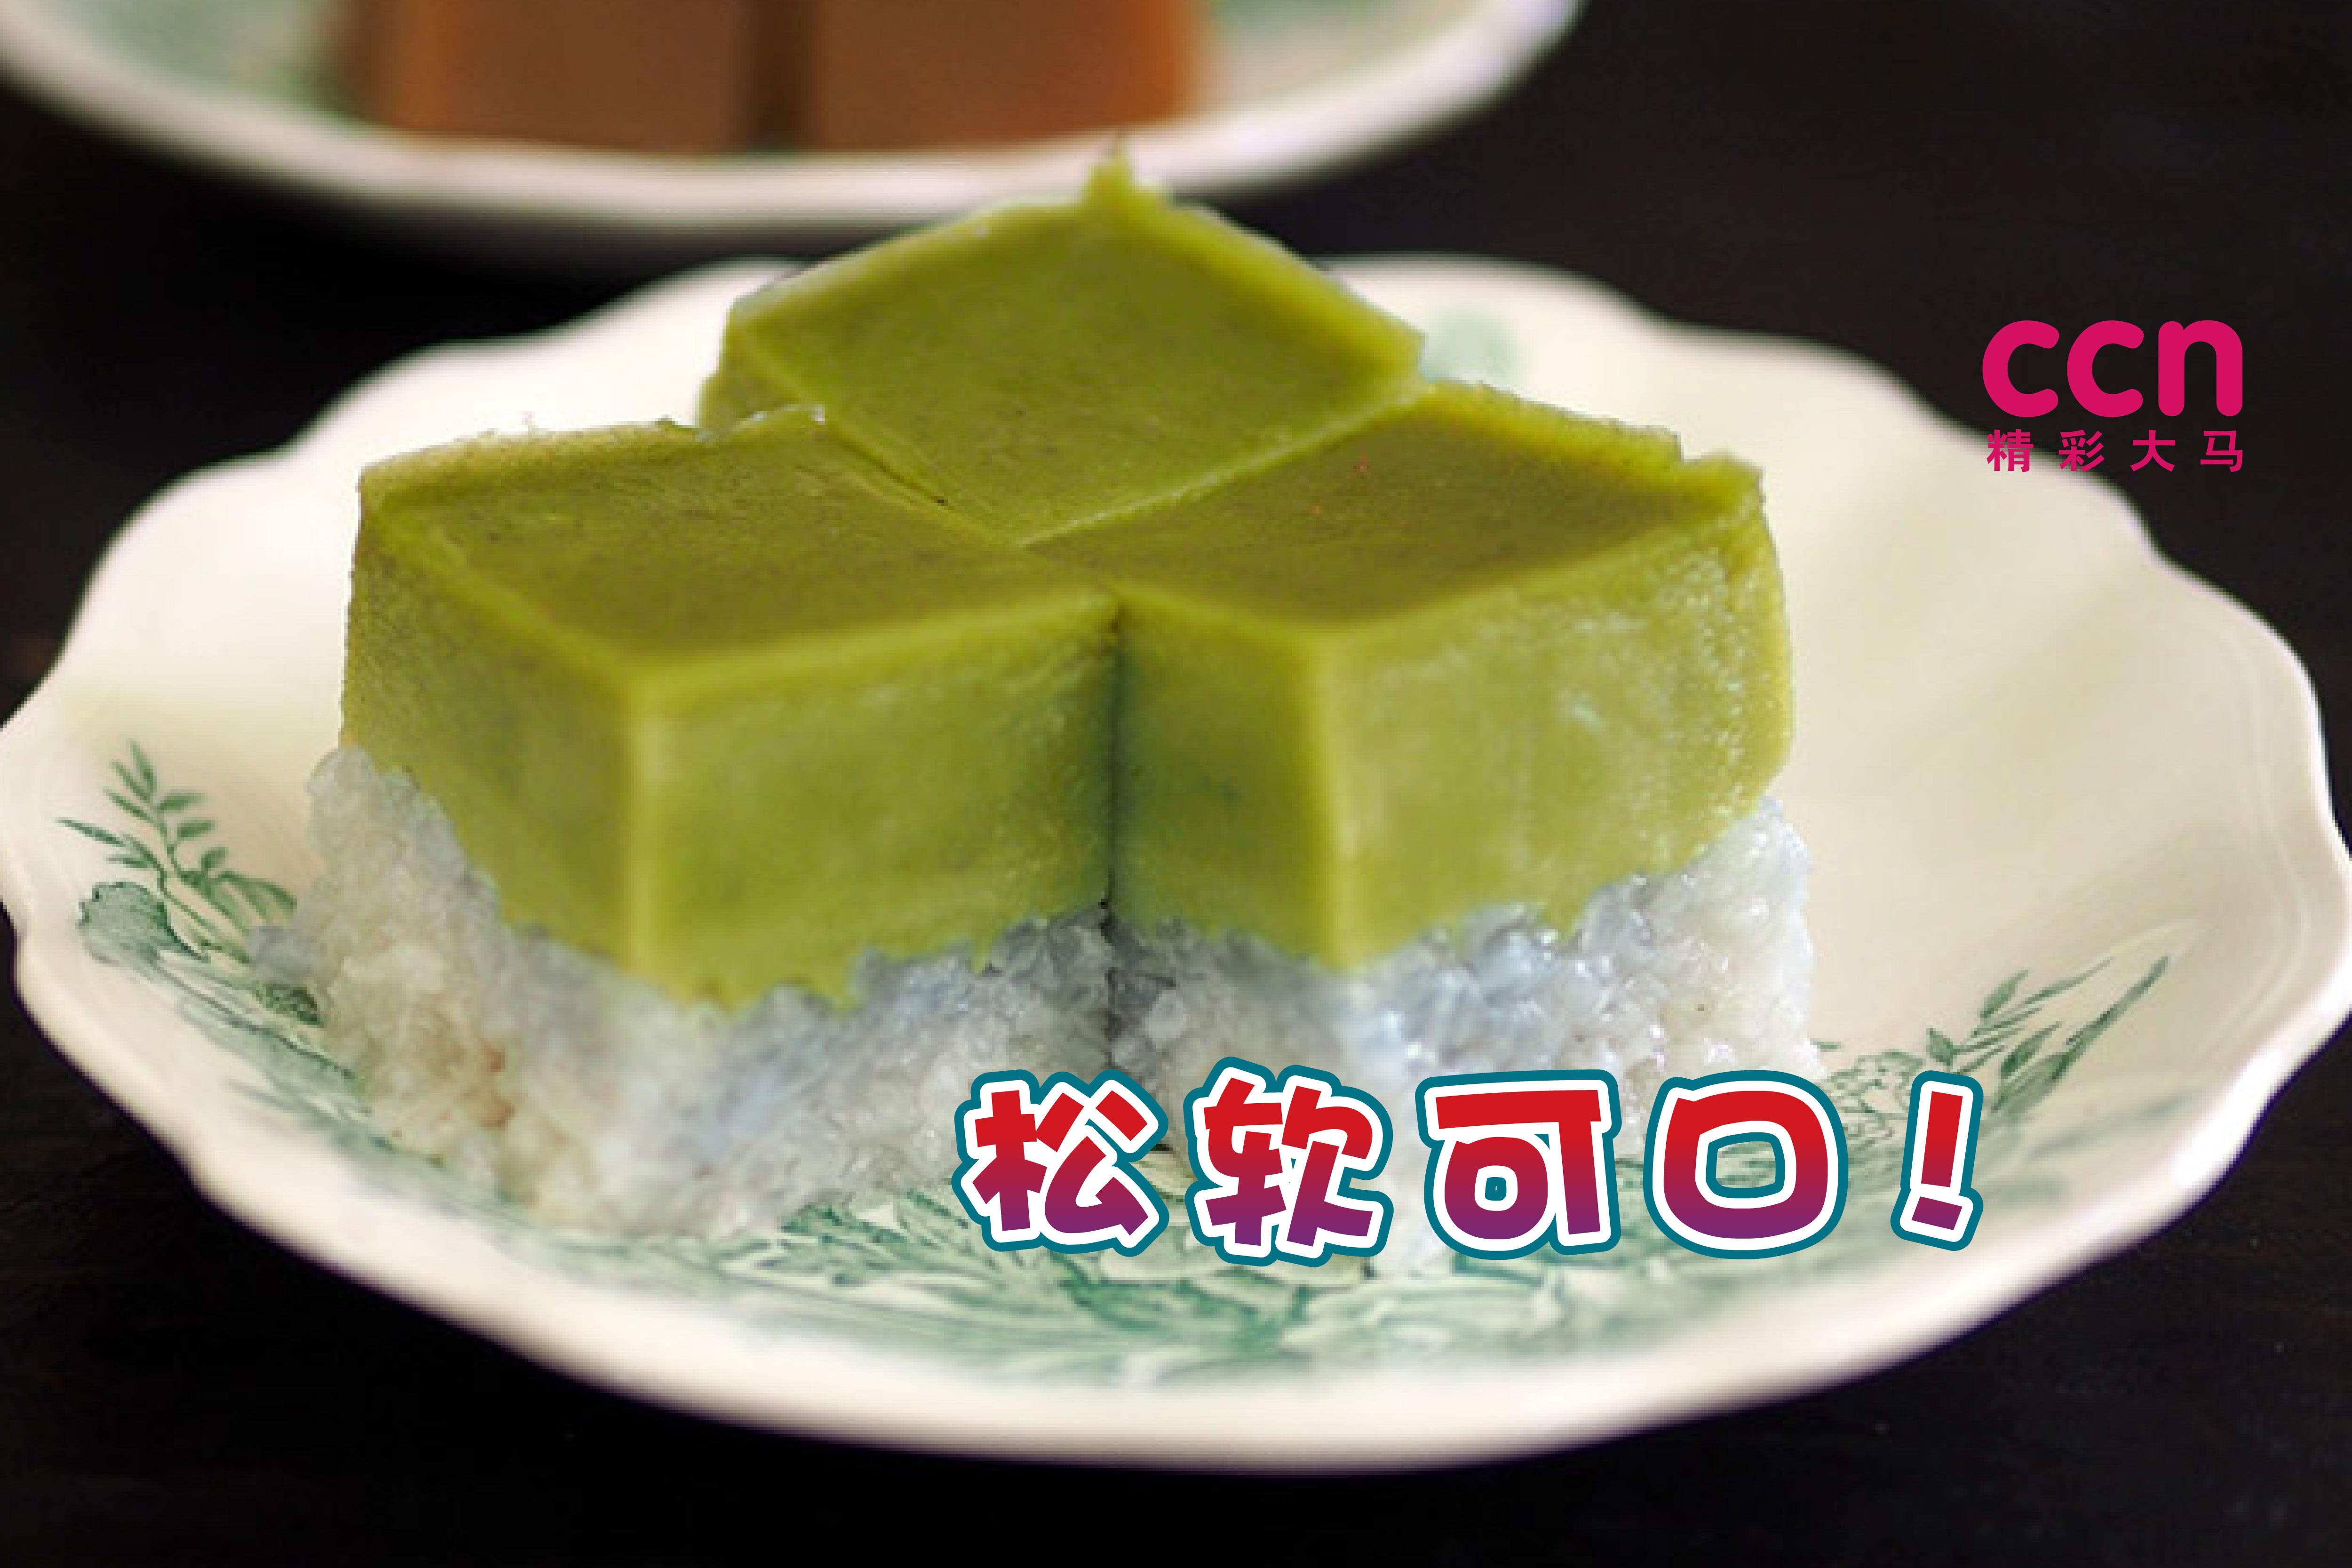 双色班兰糯米糕口感柔软,十分美味。-Lee Khang Yi摄/精彩大马制图-